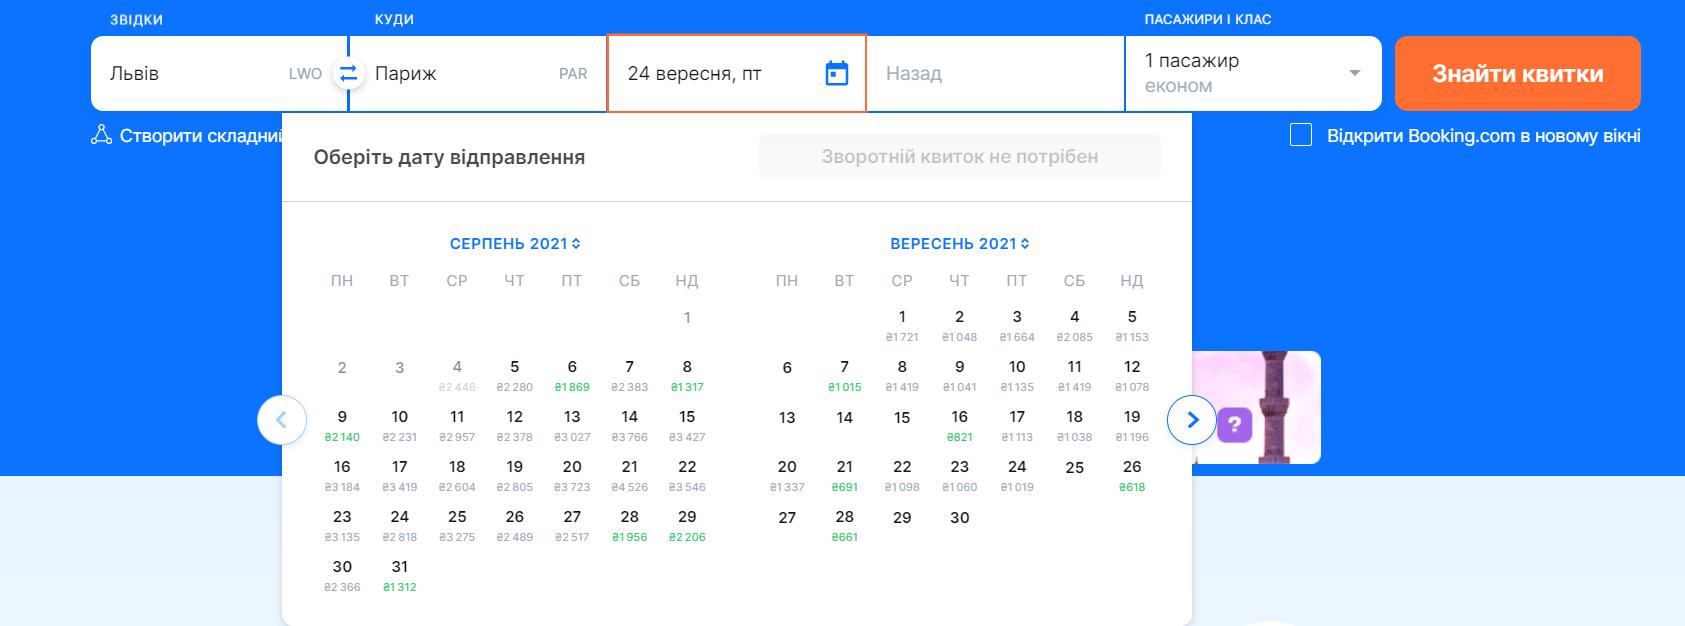 На август стоимость билета в Париж со Львова около 2000 грн, а на следующий месяц этот же билет можно приобрести за 660 грн